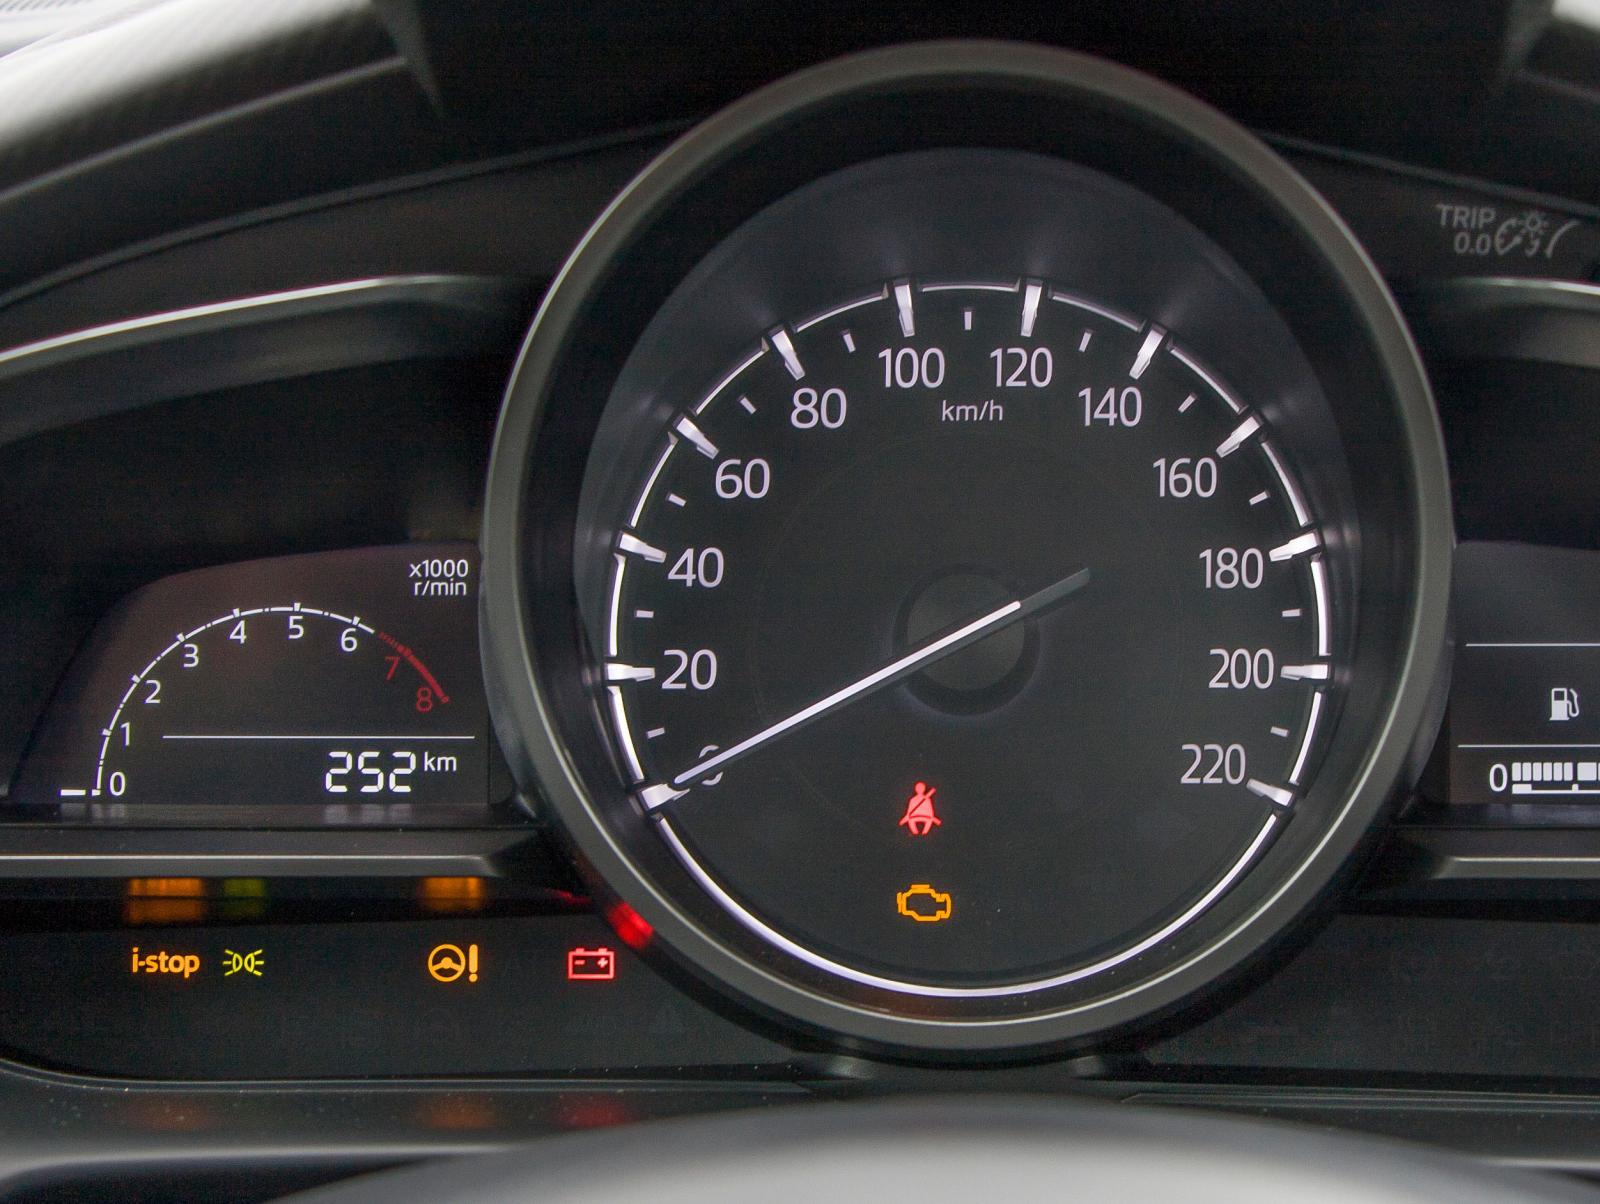 Gigantisk hastighetsmätare, minimal varvräknare. Färddatorns visningar sker i fönstret motstående varvräknarens.